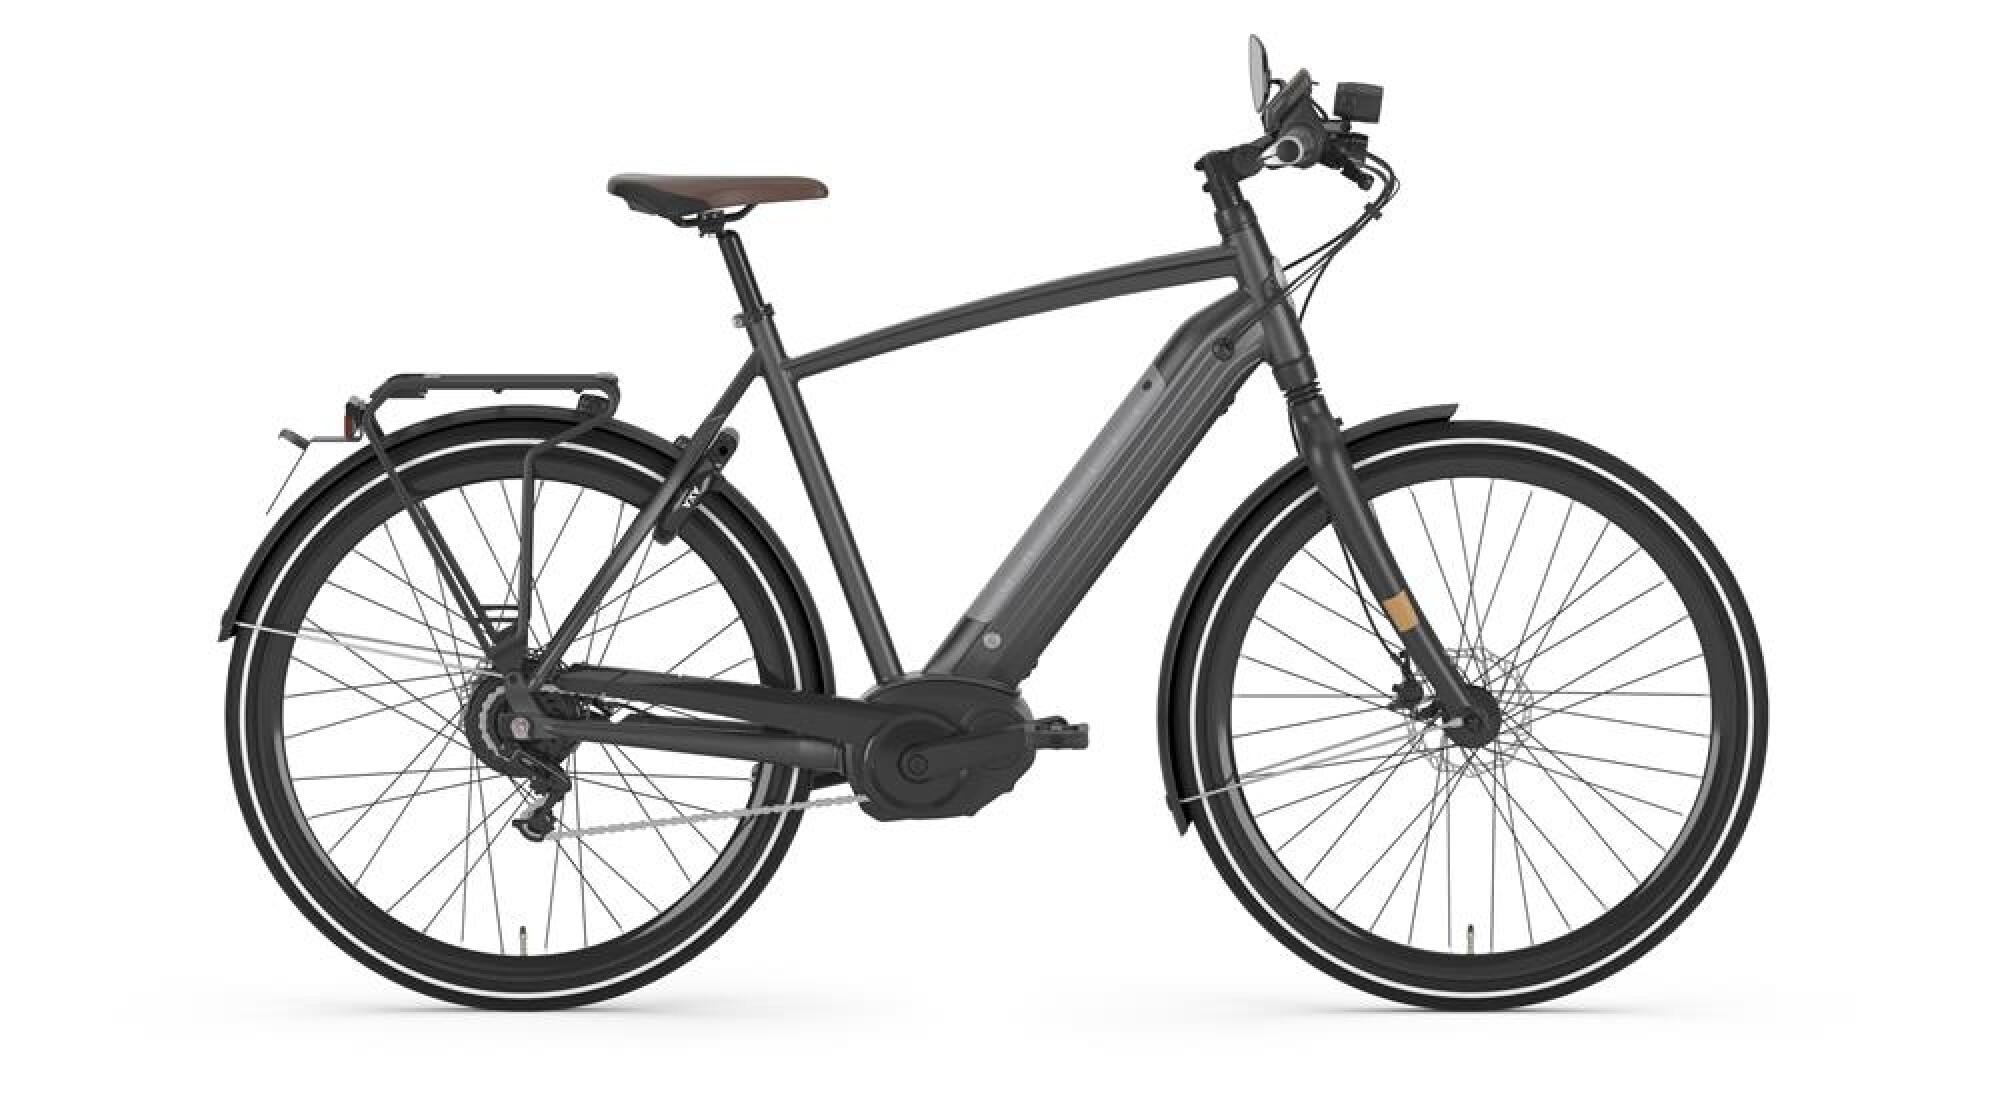 E-Bike Gazelle CityZen Speed 380 H 2019 bei OnBikeX.de